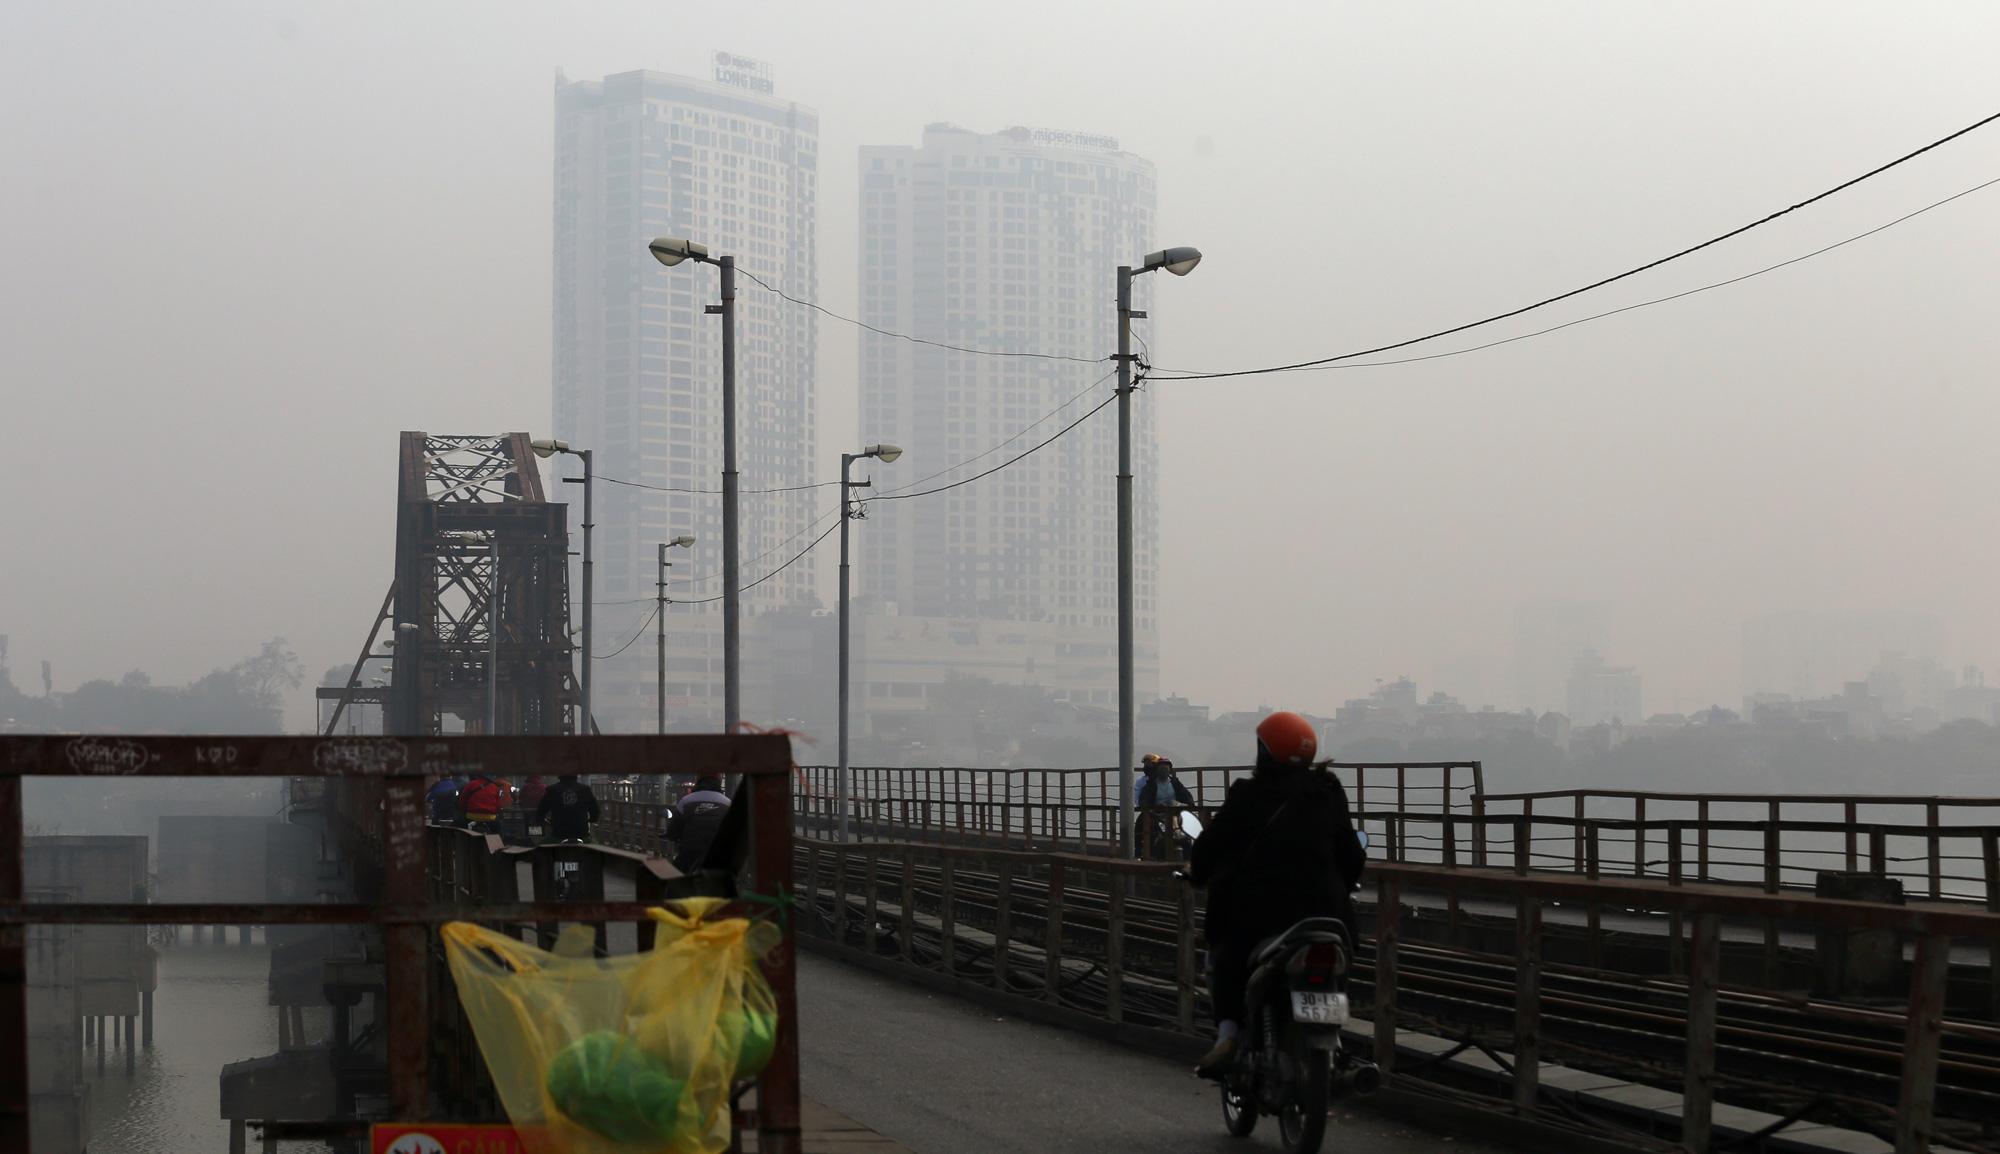 Hà Nội ô nhiễm không khí ở mức cảnh báo tím từ sáng đến chiều - Ảnh 11.